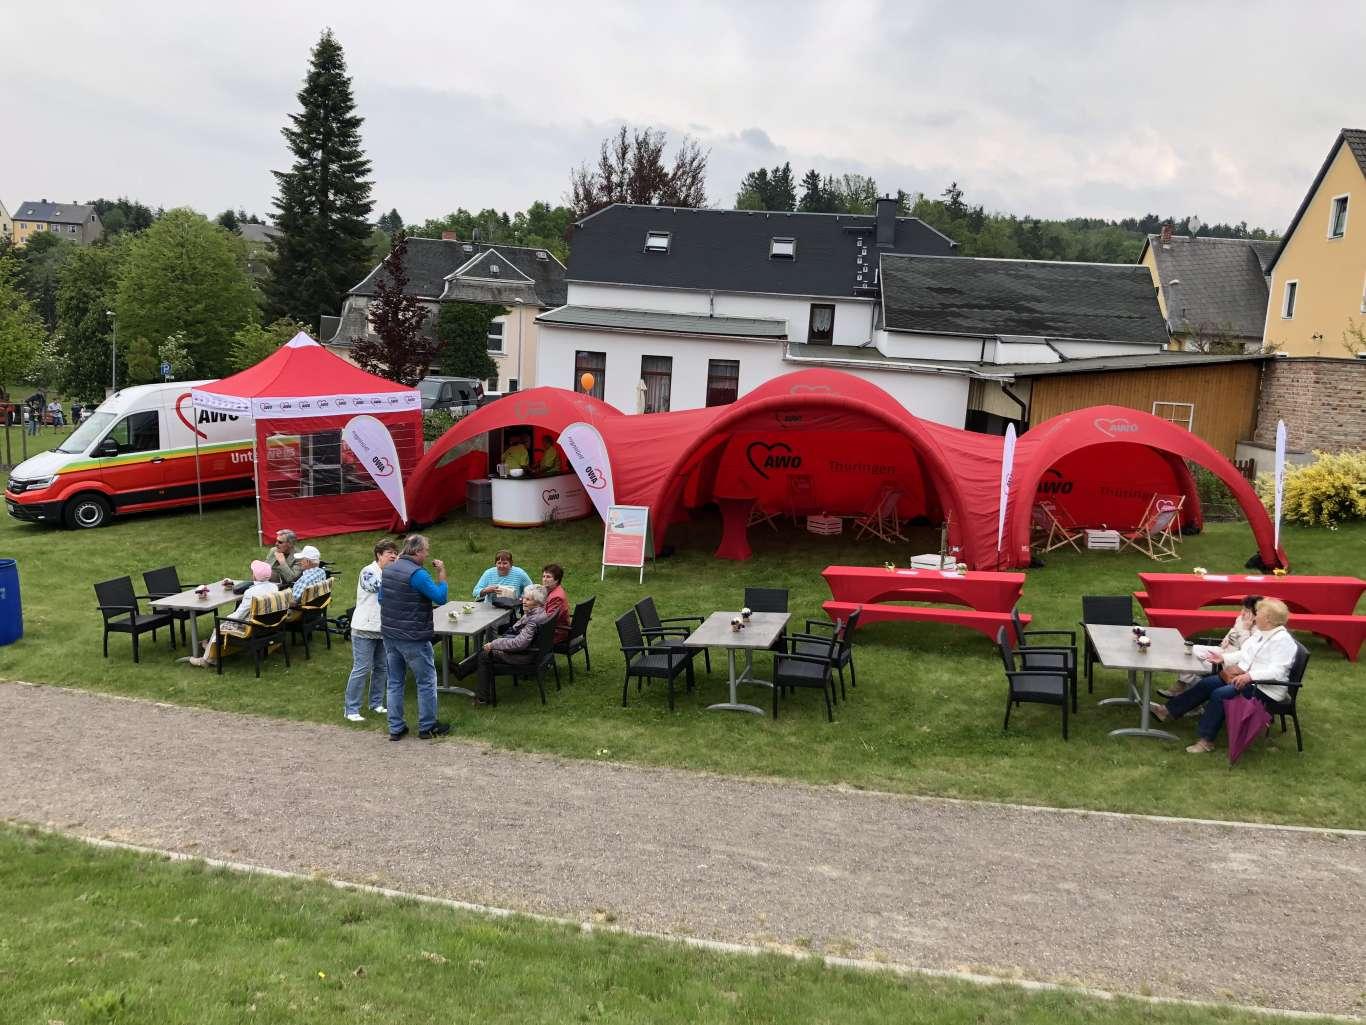 Zu den Veranstaltungen wurde ganz bürgernah Kaffee und Kuchen als Catering für alle interessierten Besucher gereicht. Für die Organisation zeigte sich spoon-projekt aus Erfurt verantwortlich.